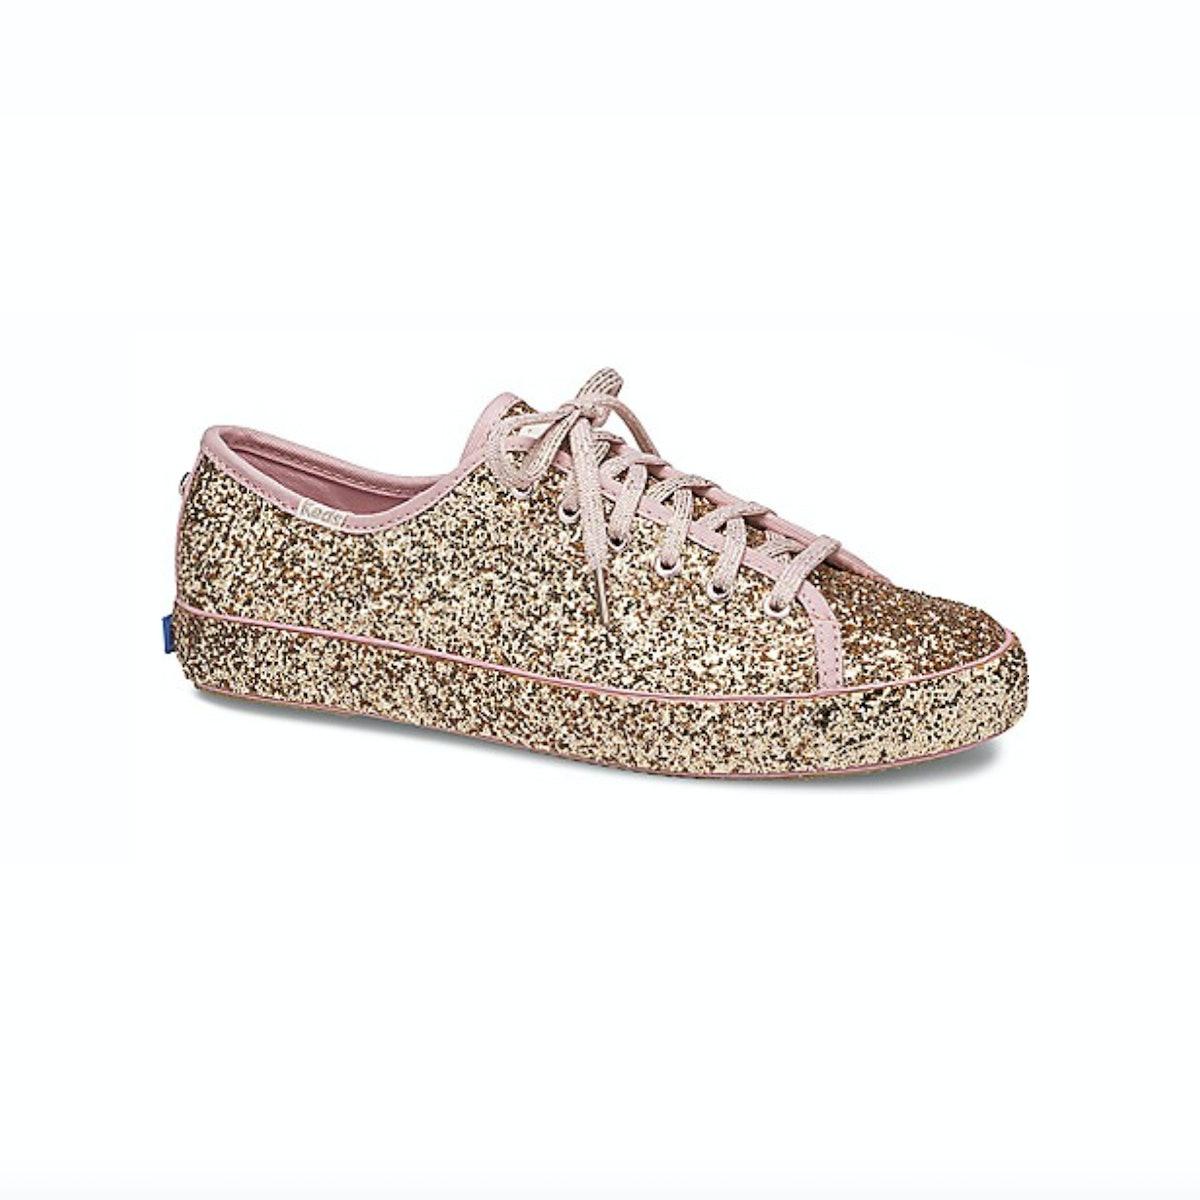 Keds X Kate Spade Kickstart All Over Glitter